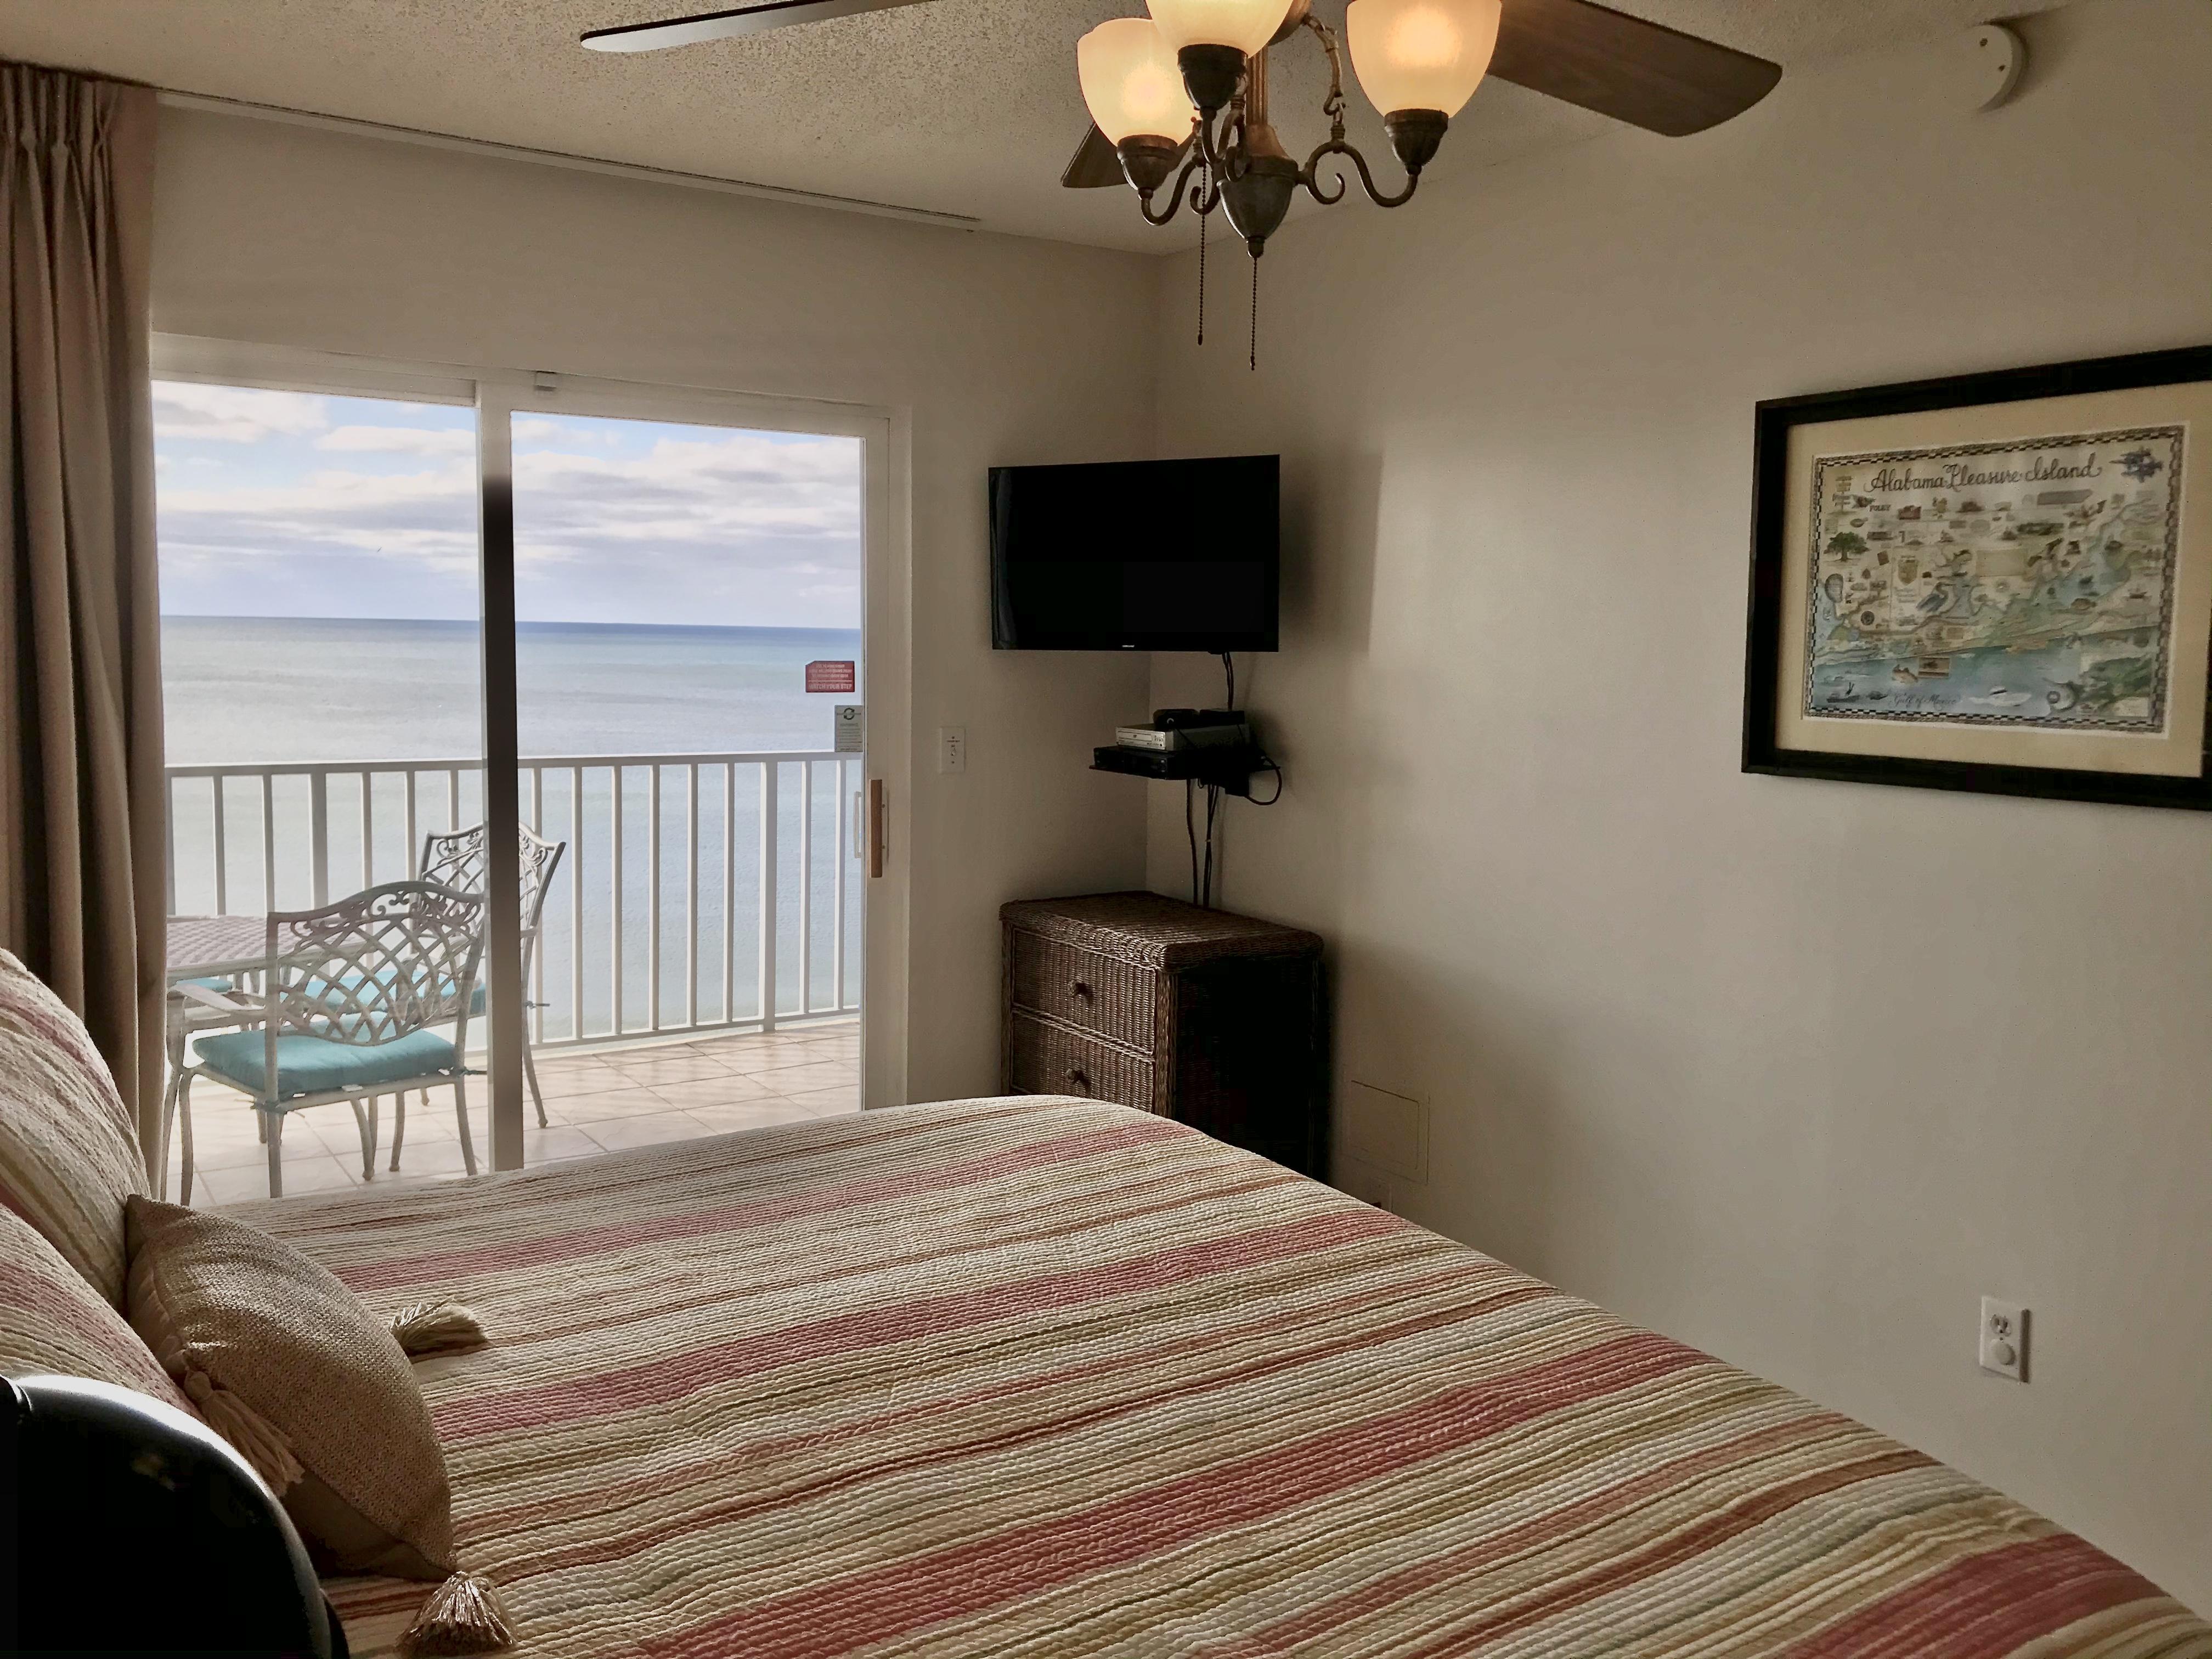 Ocean House 1905 Condo rental in Ocean House - Gulf Shores in Gulf Shores Alabama - #35